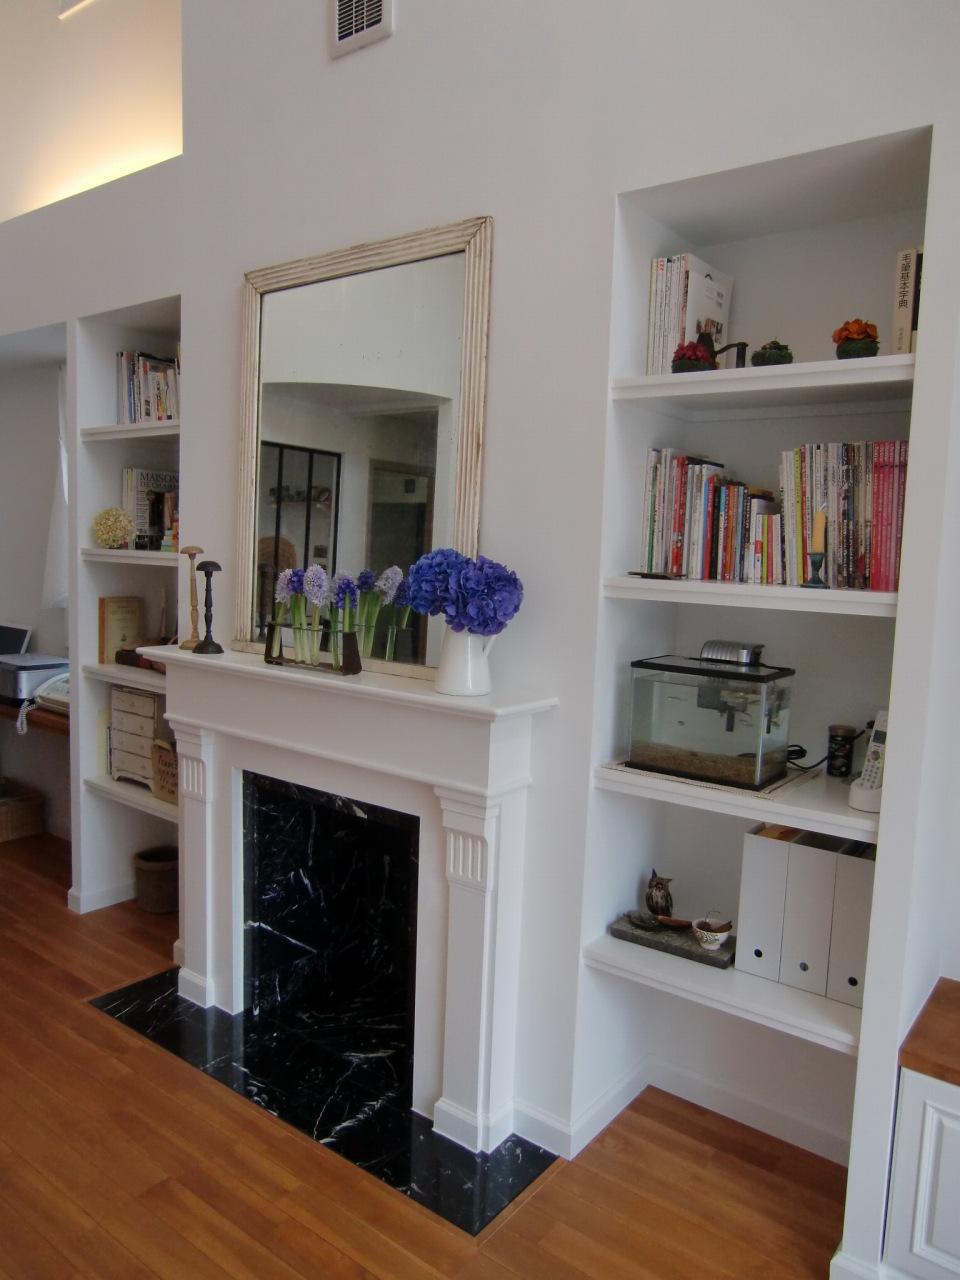 黒白のコントラストが美しいマントルピース、見せる造作収納